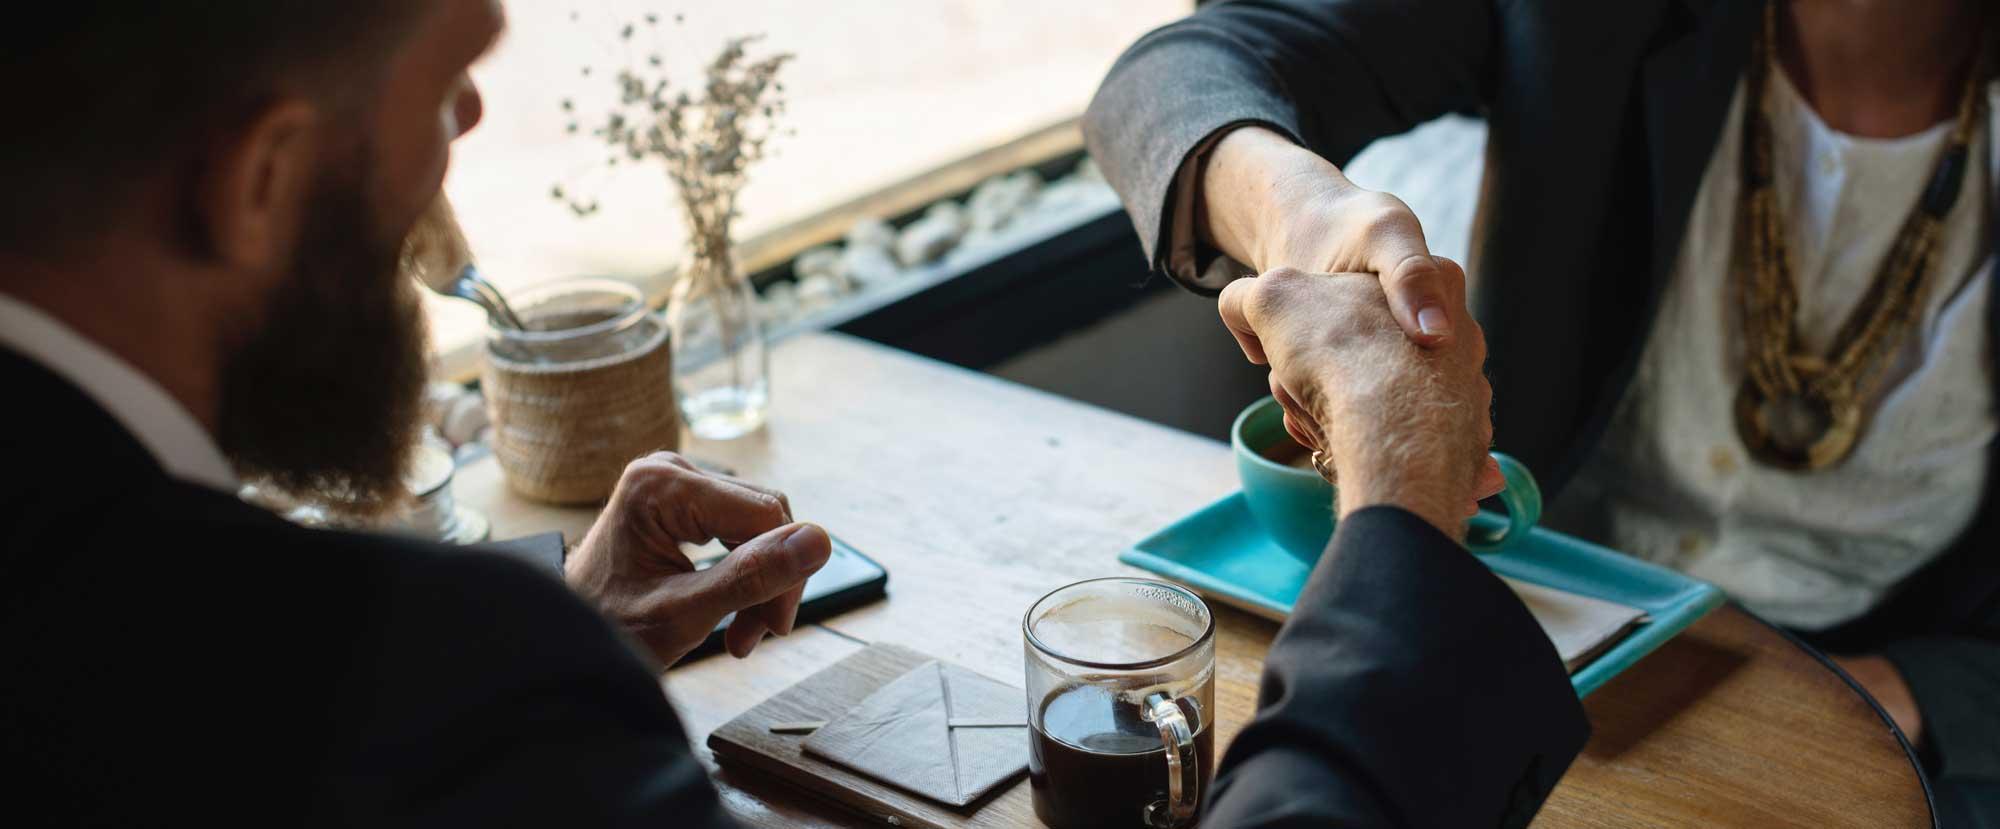 metafinanz schließt Partnerschaft mit führendem Process Mining Anbieter Celonis